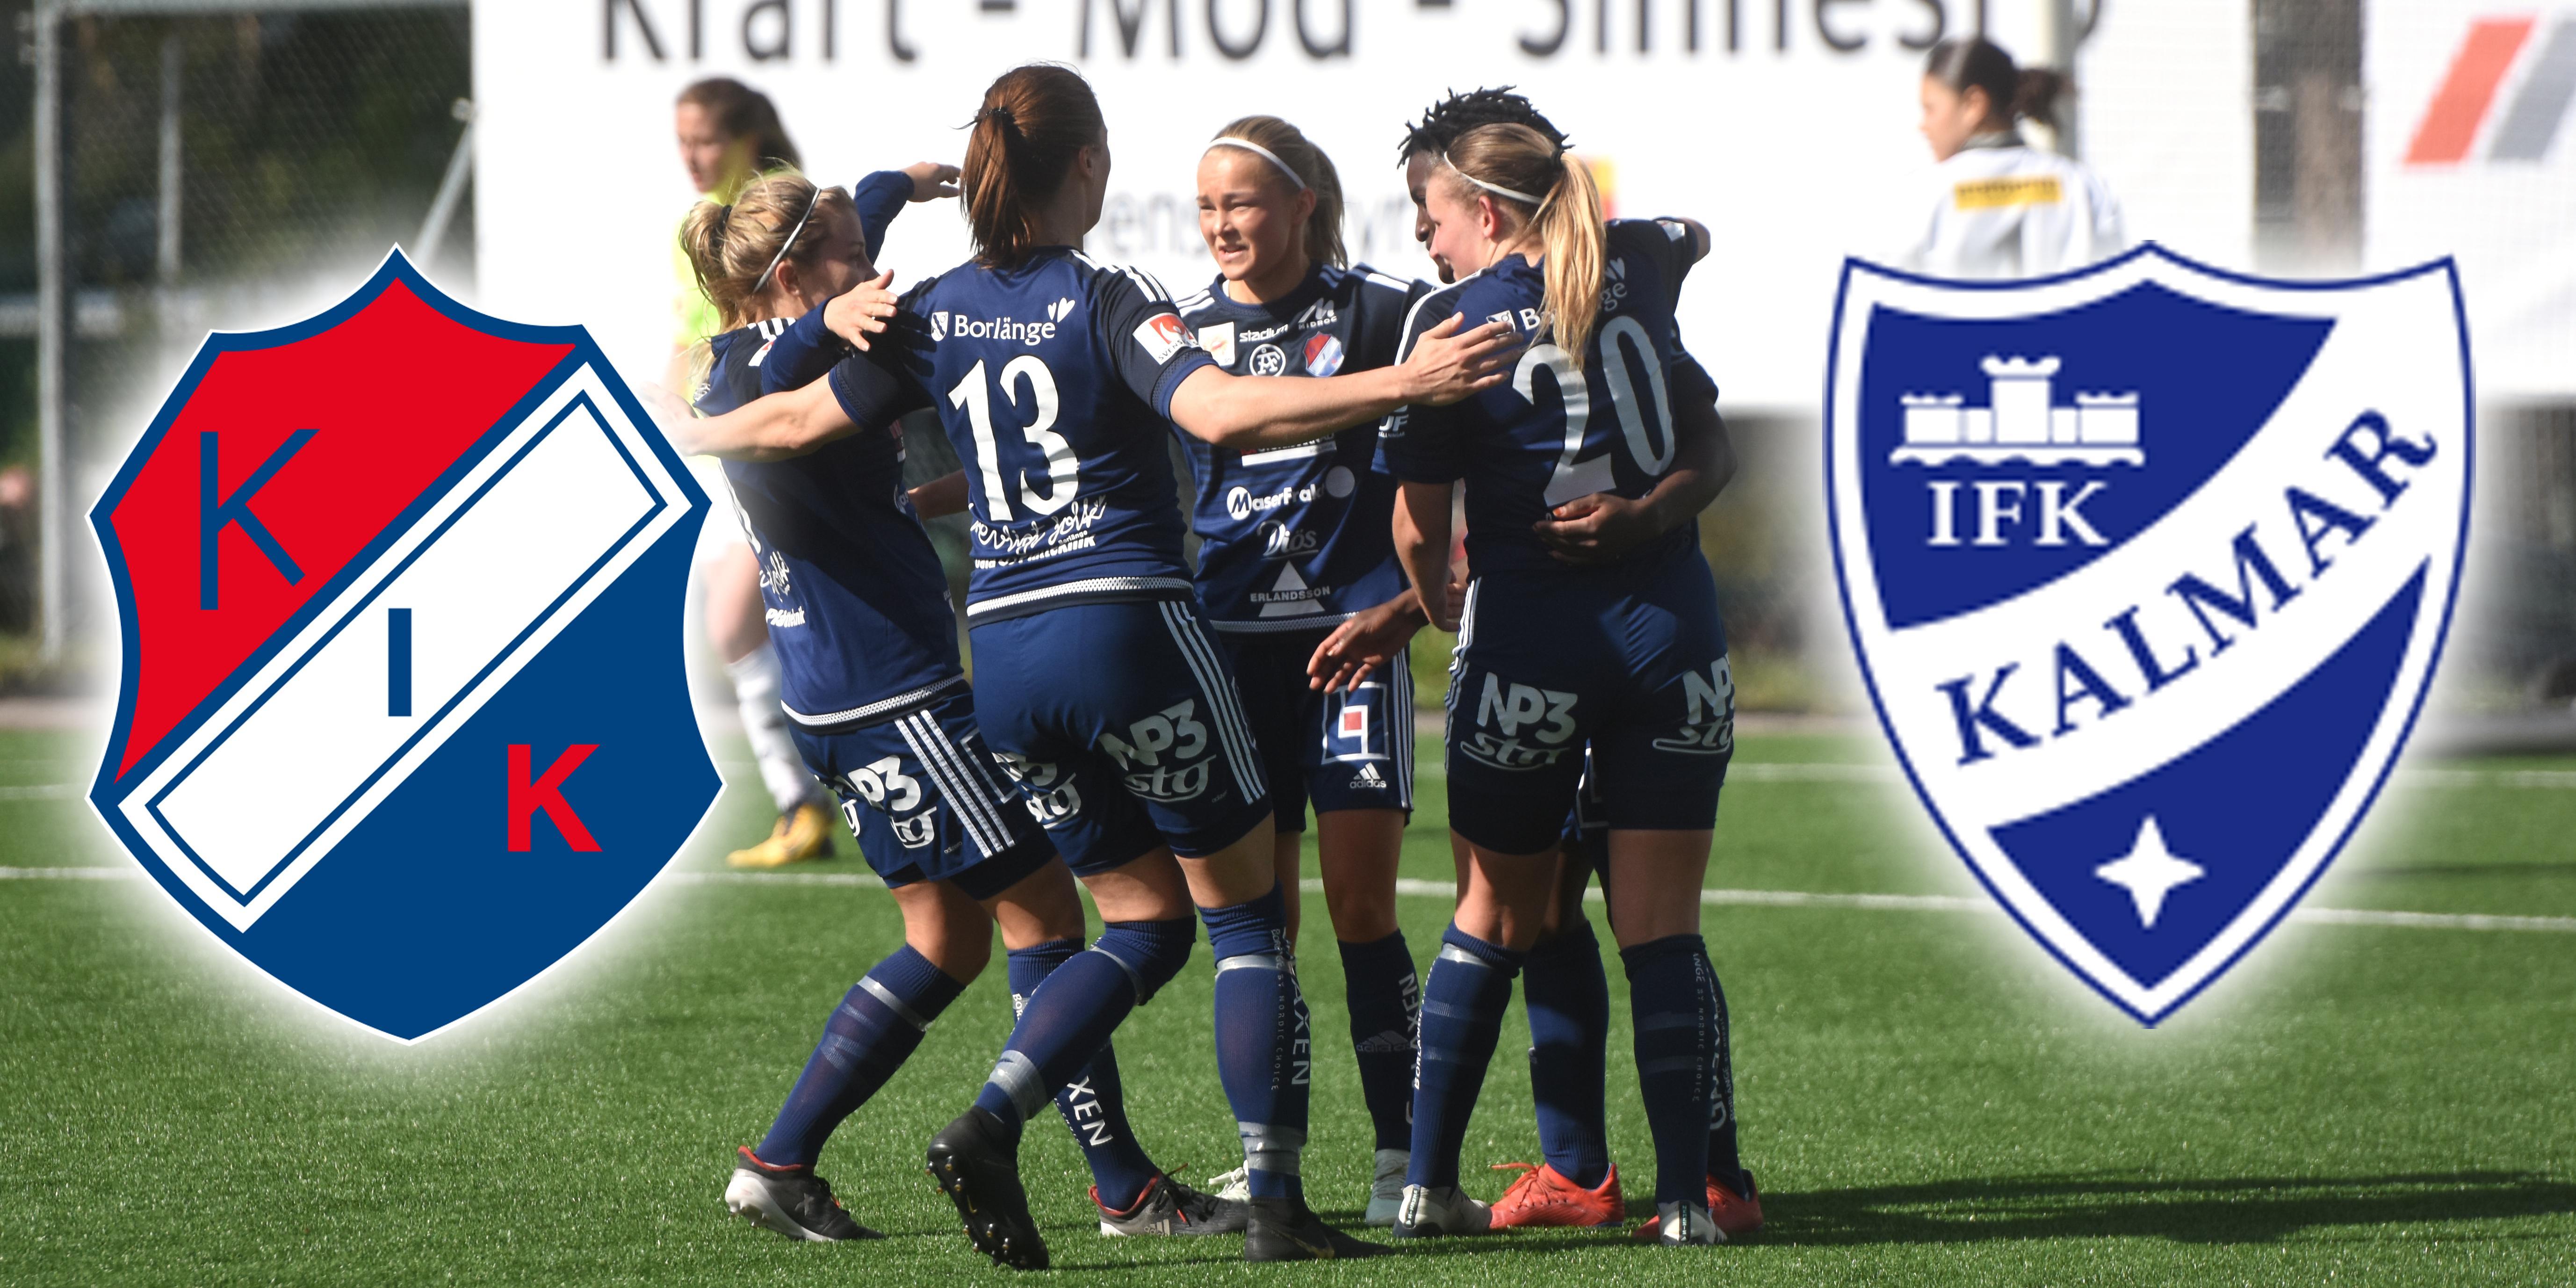 Live-tv: Kvarnsveden går för tredje raka segern – se matchen mot IFK Kalmar här